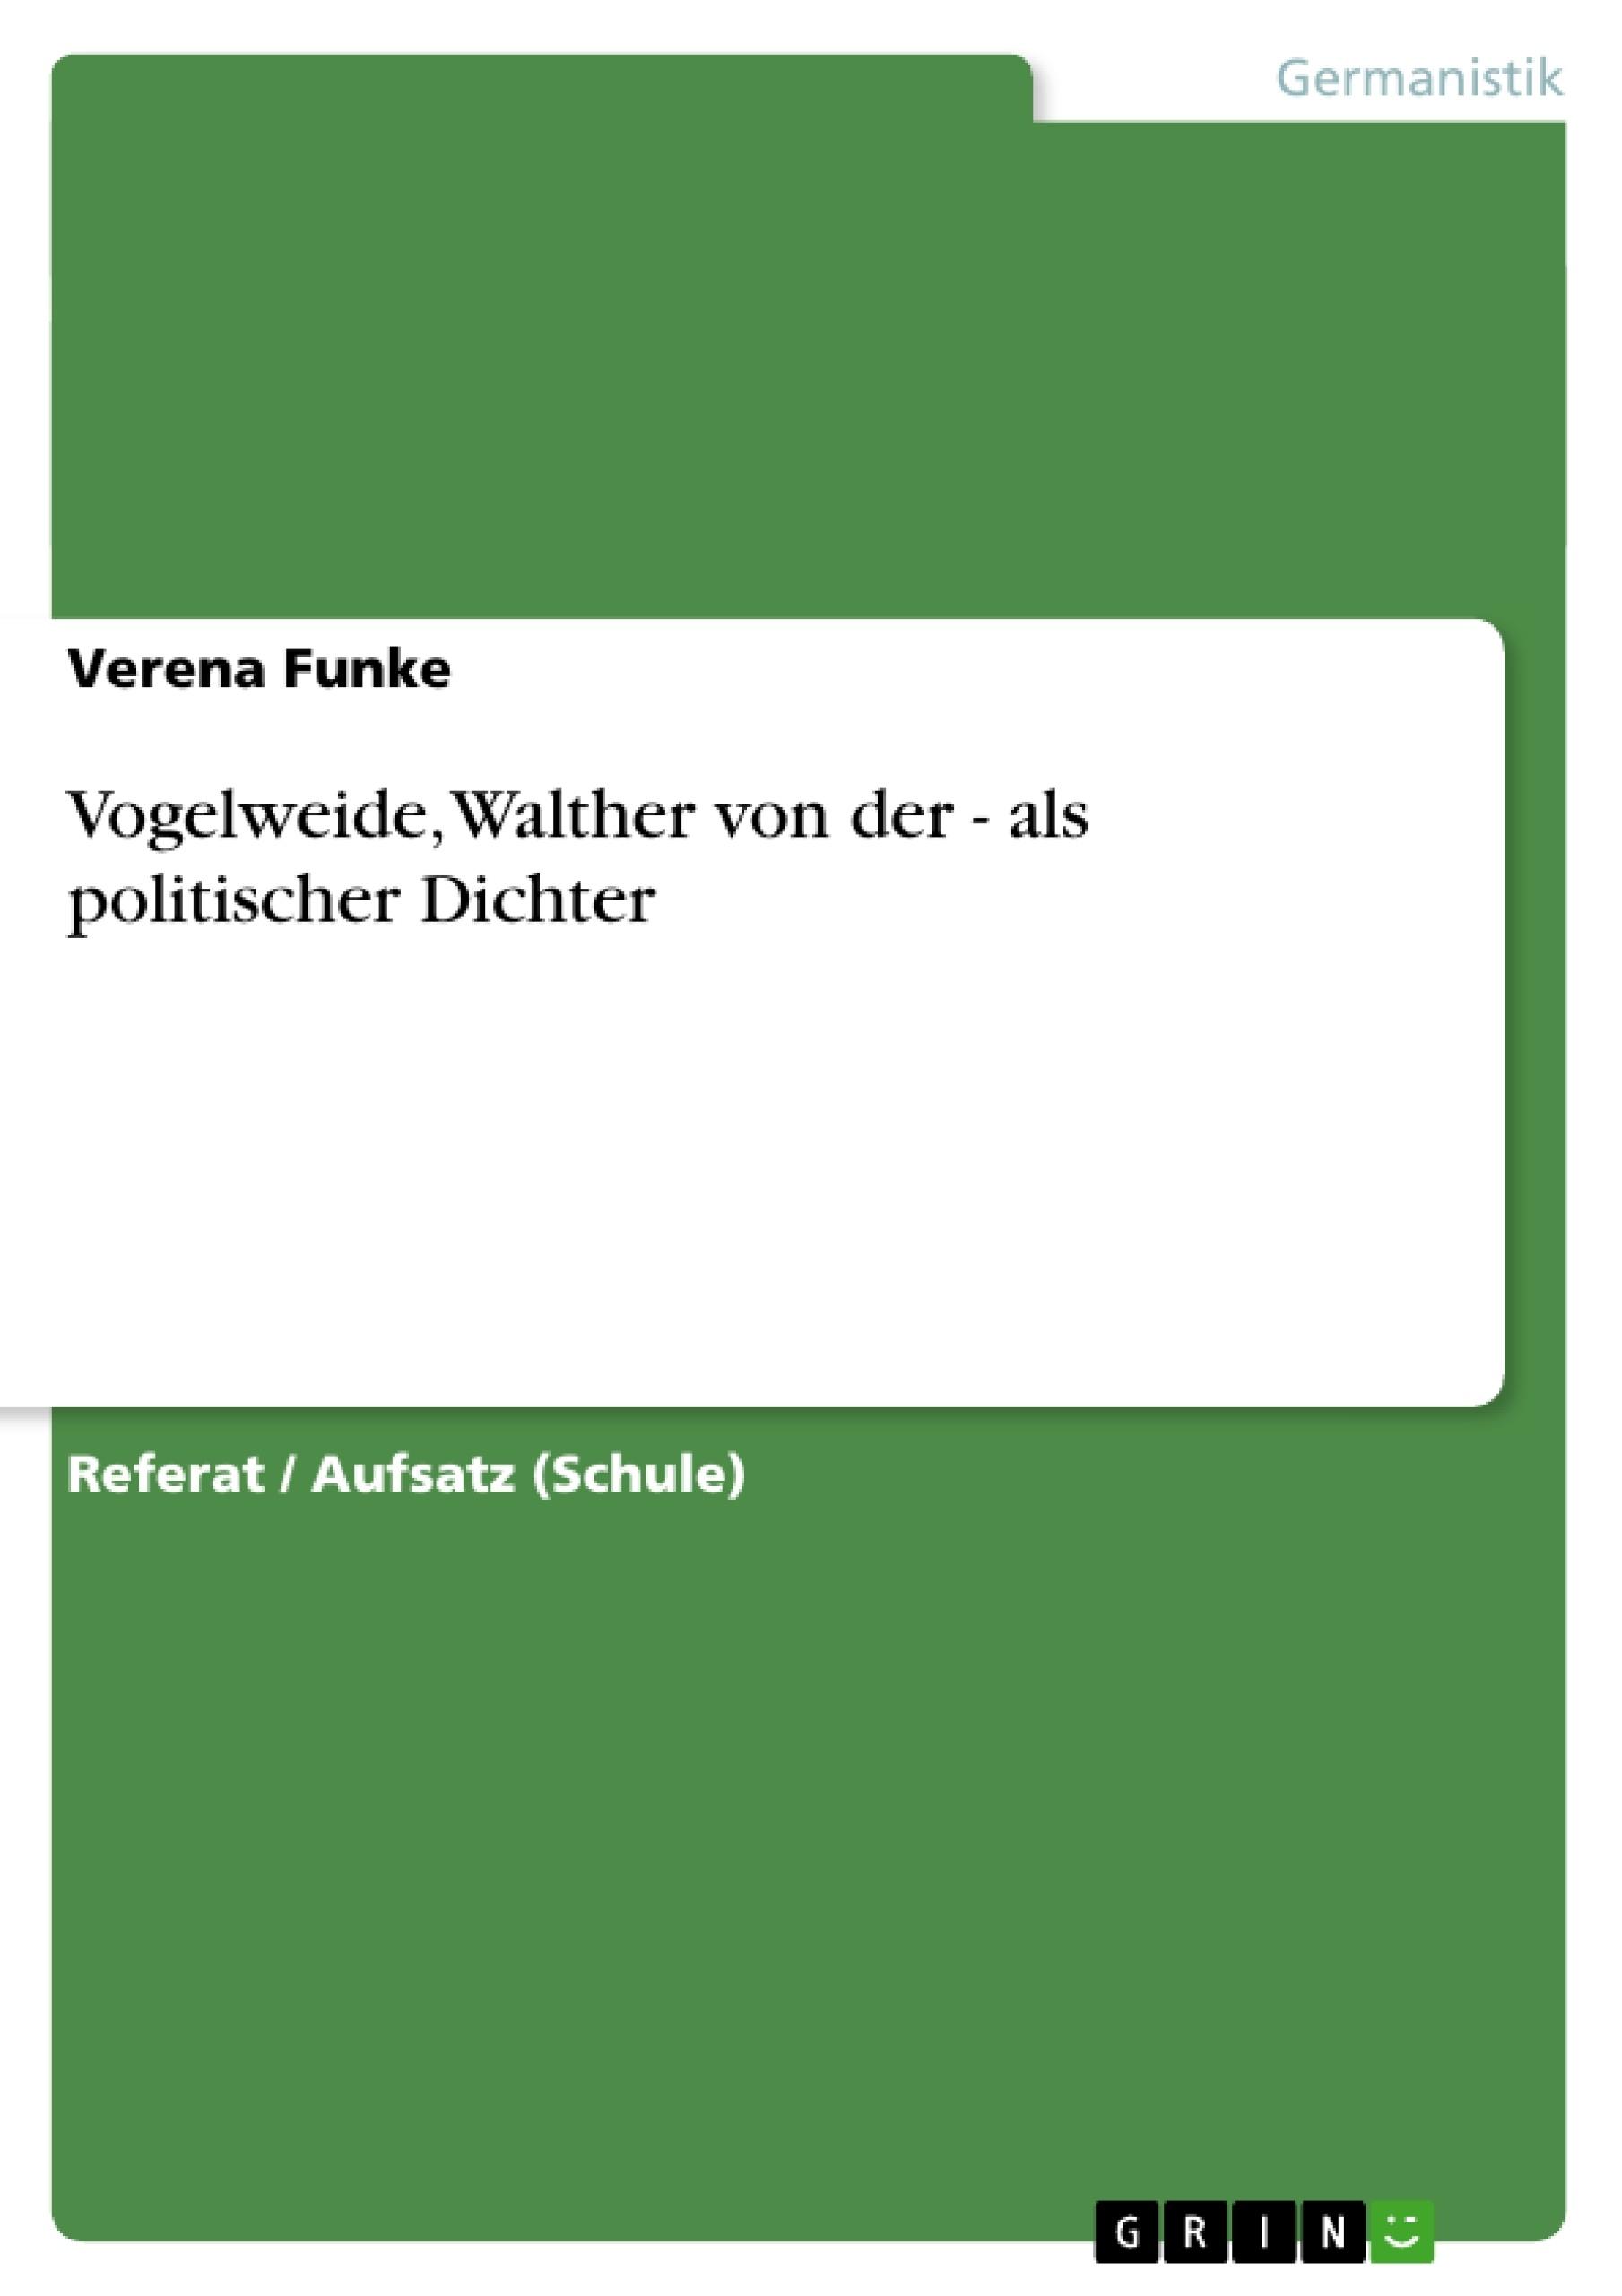 Titel: Vogelweide, Walther von der - als politischer Dichter